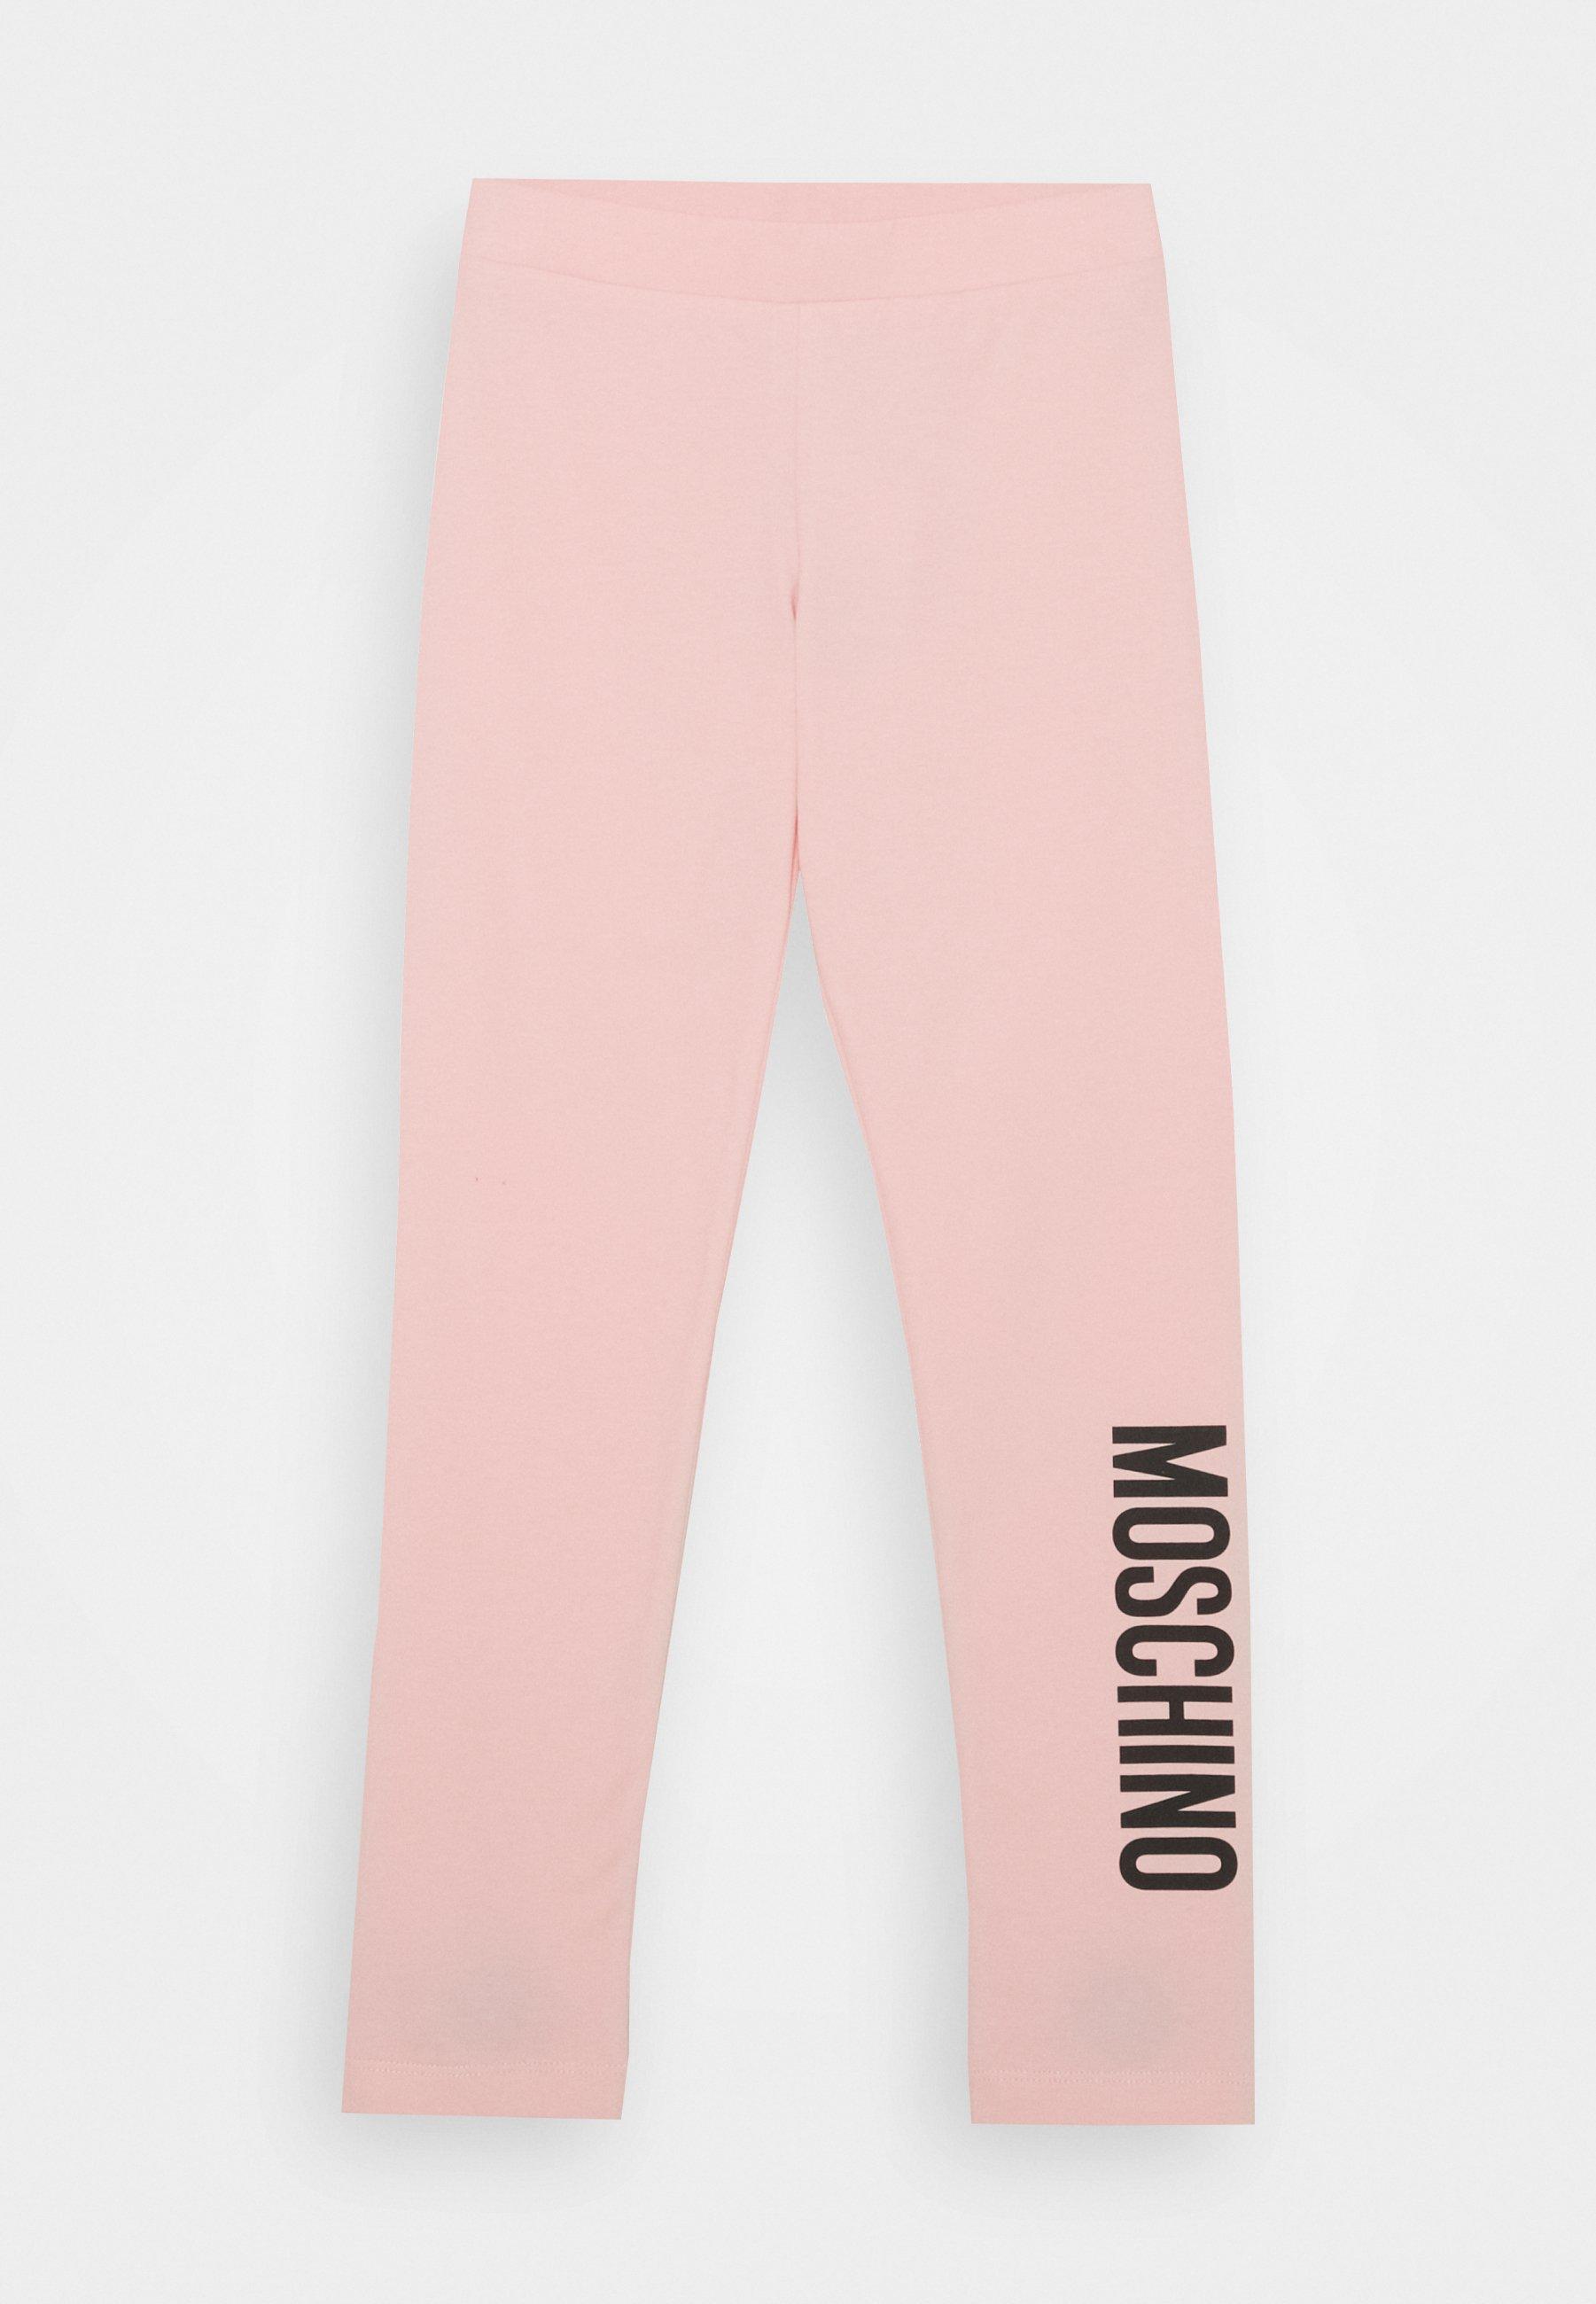 MOSCHINO T shirt imprimé sugar rose ZALANDO.FR